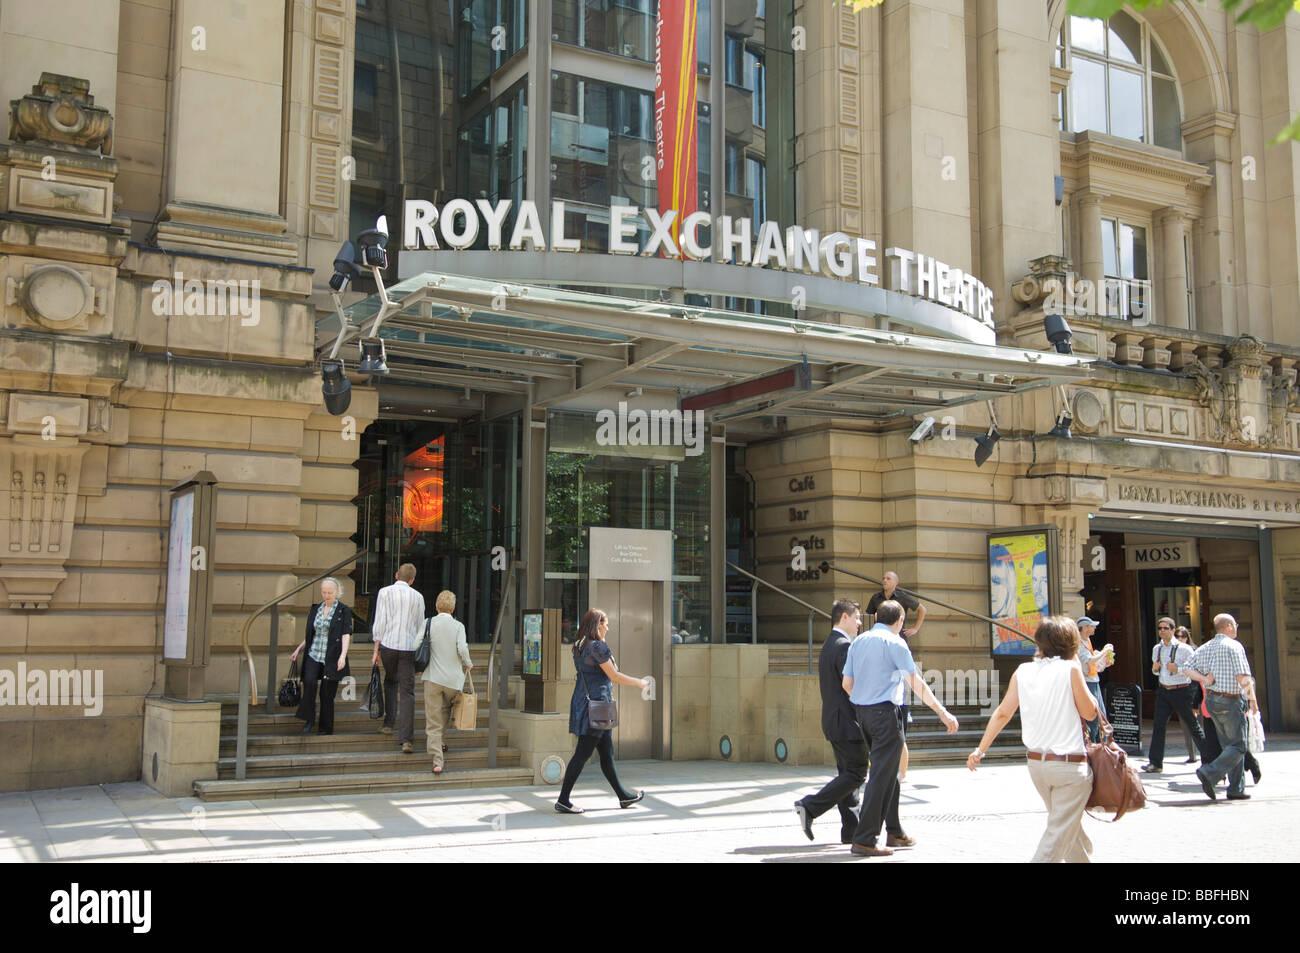 Extérieur du Royal Exchange Theatre sur la place St Anns, Manchester Banque D'Images